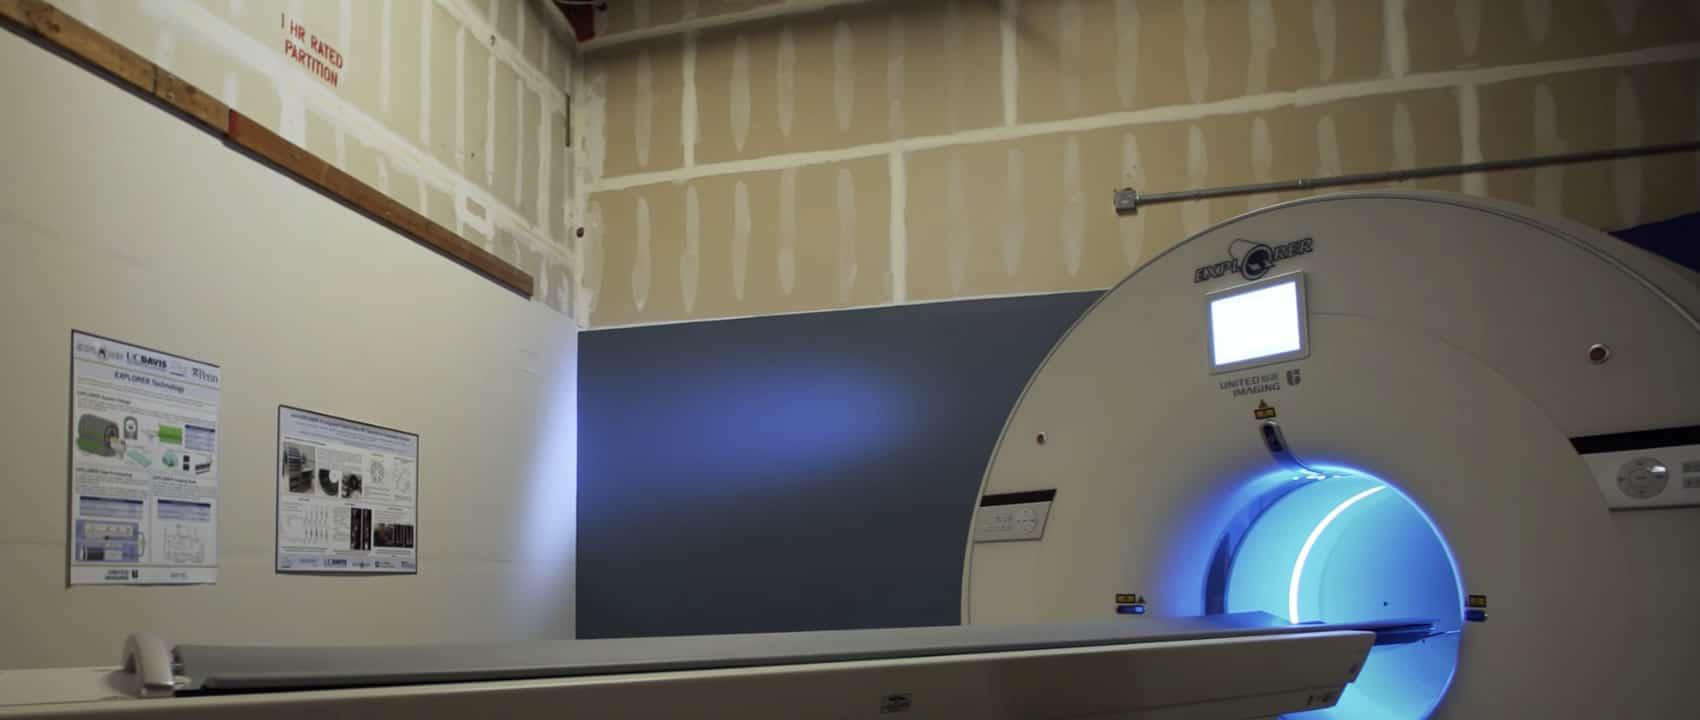 Mira las impresionantes imágenes de este nuevo escáner corporal 3D